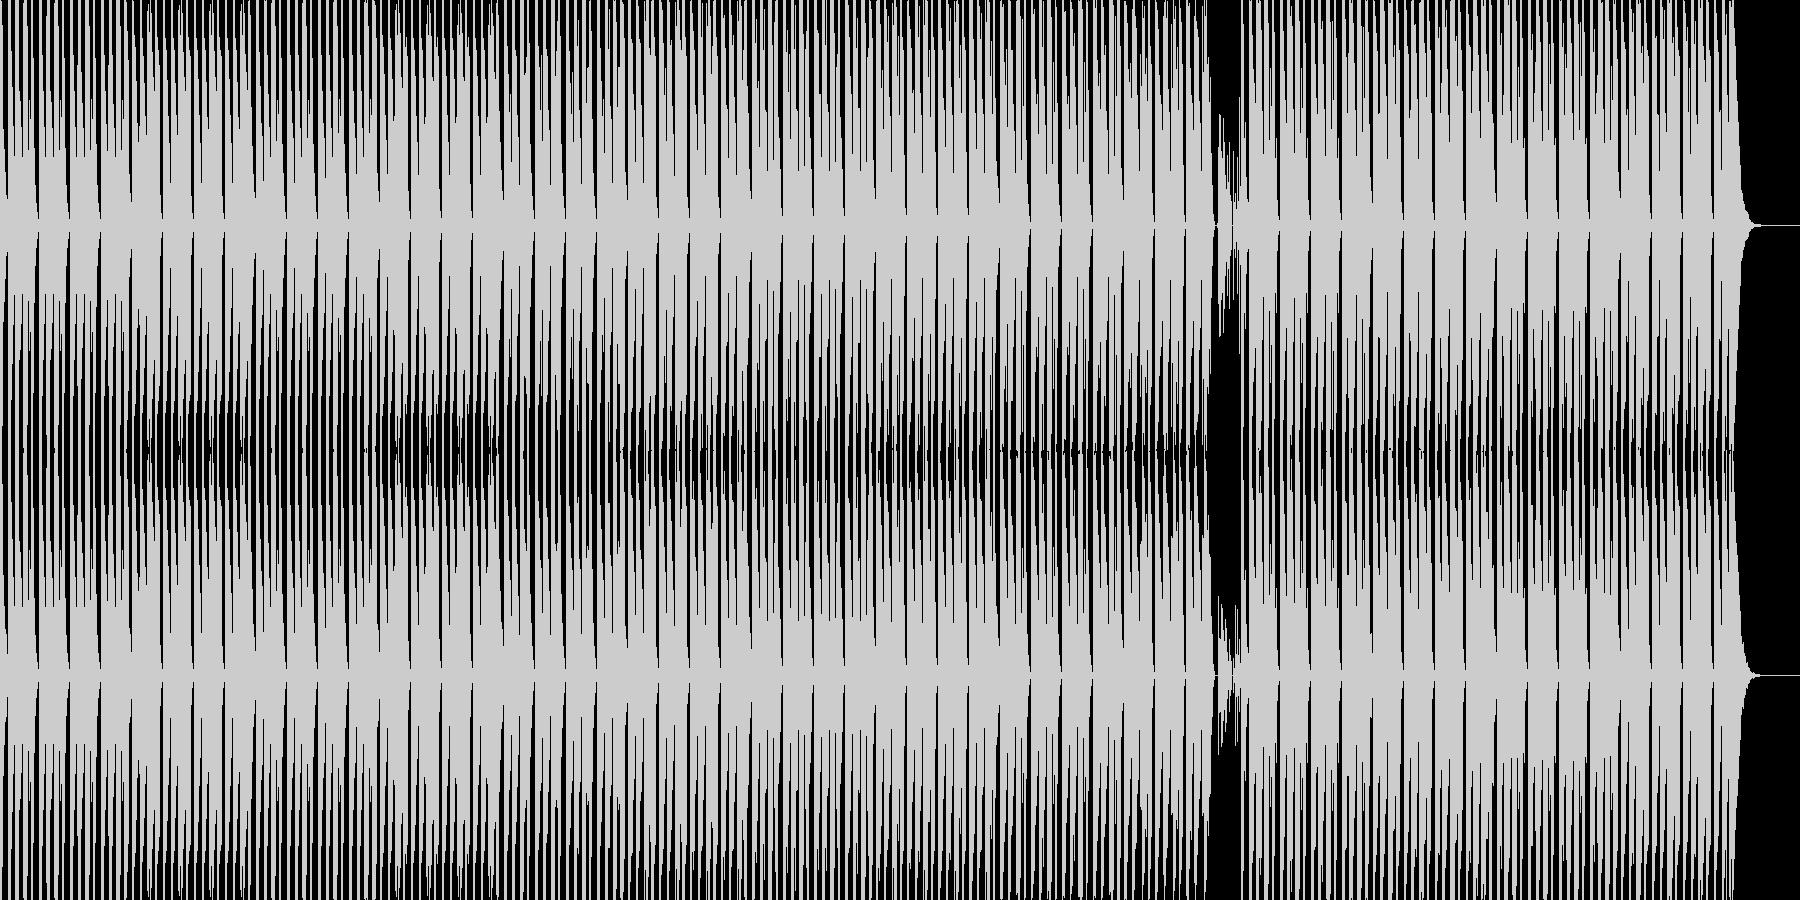 シンプルで印象的なテクノの未再生の波形